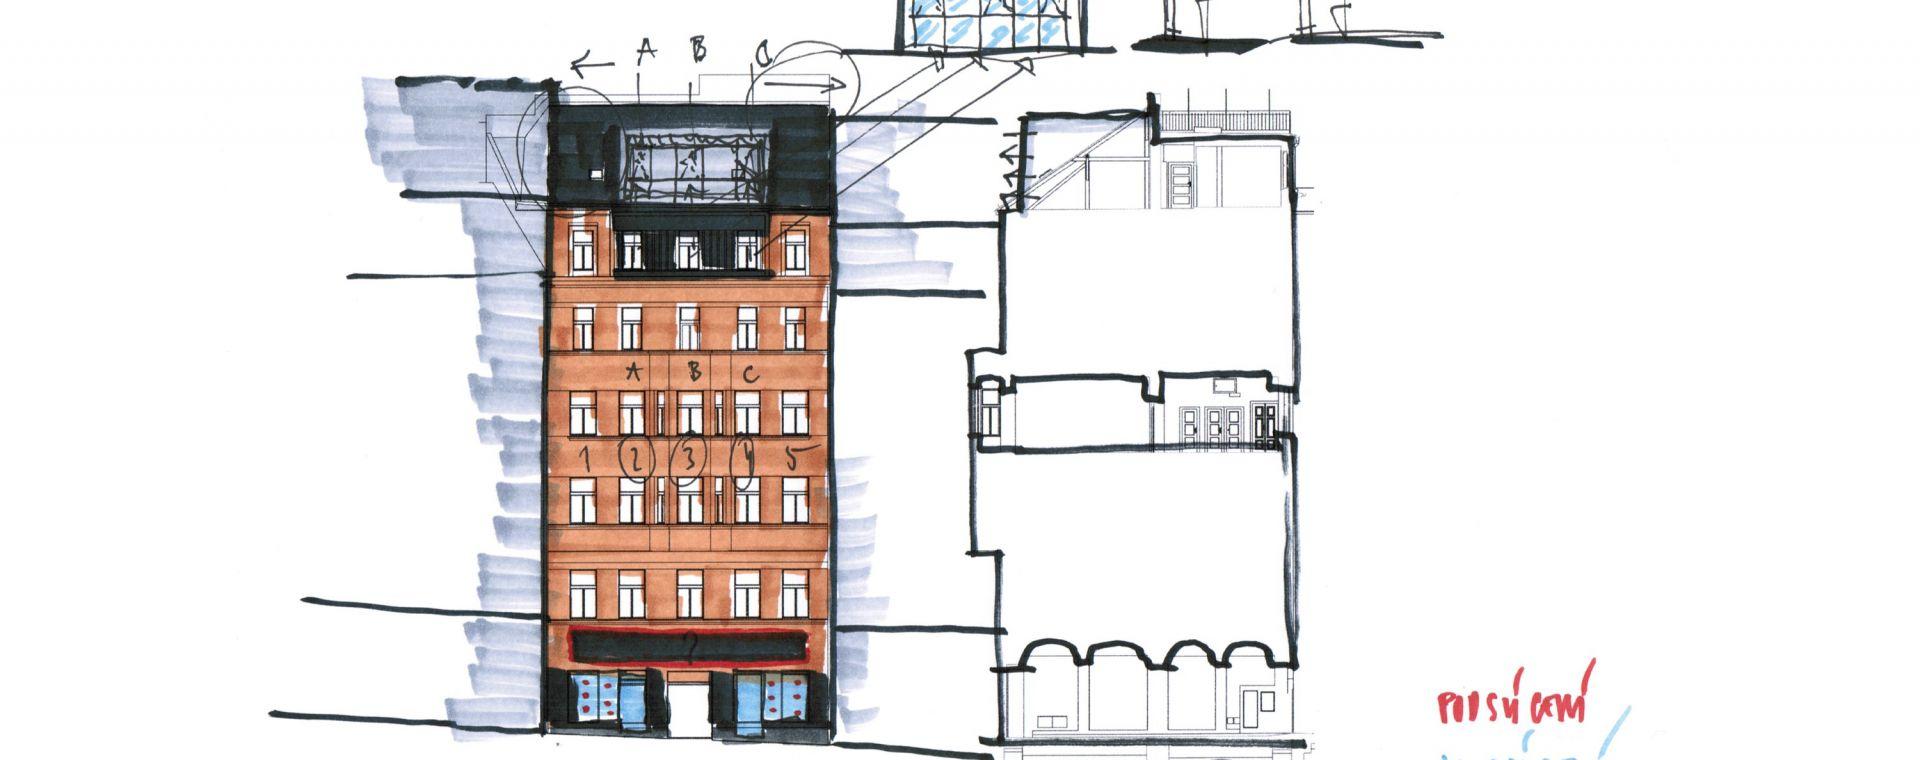 The reconstrution of the polyfunctional block of flat, Prague - Letná, Milady Horákové 32, Prague 7, 2011-2015, CZ